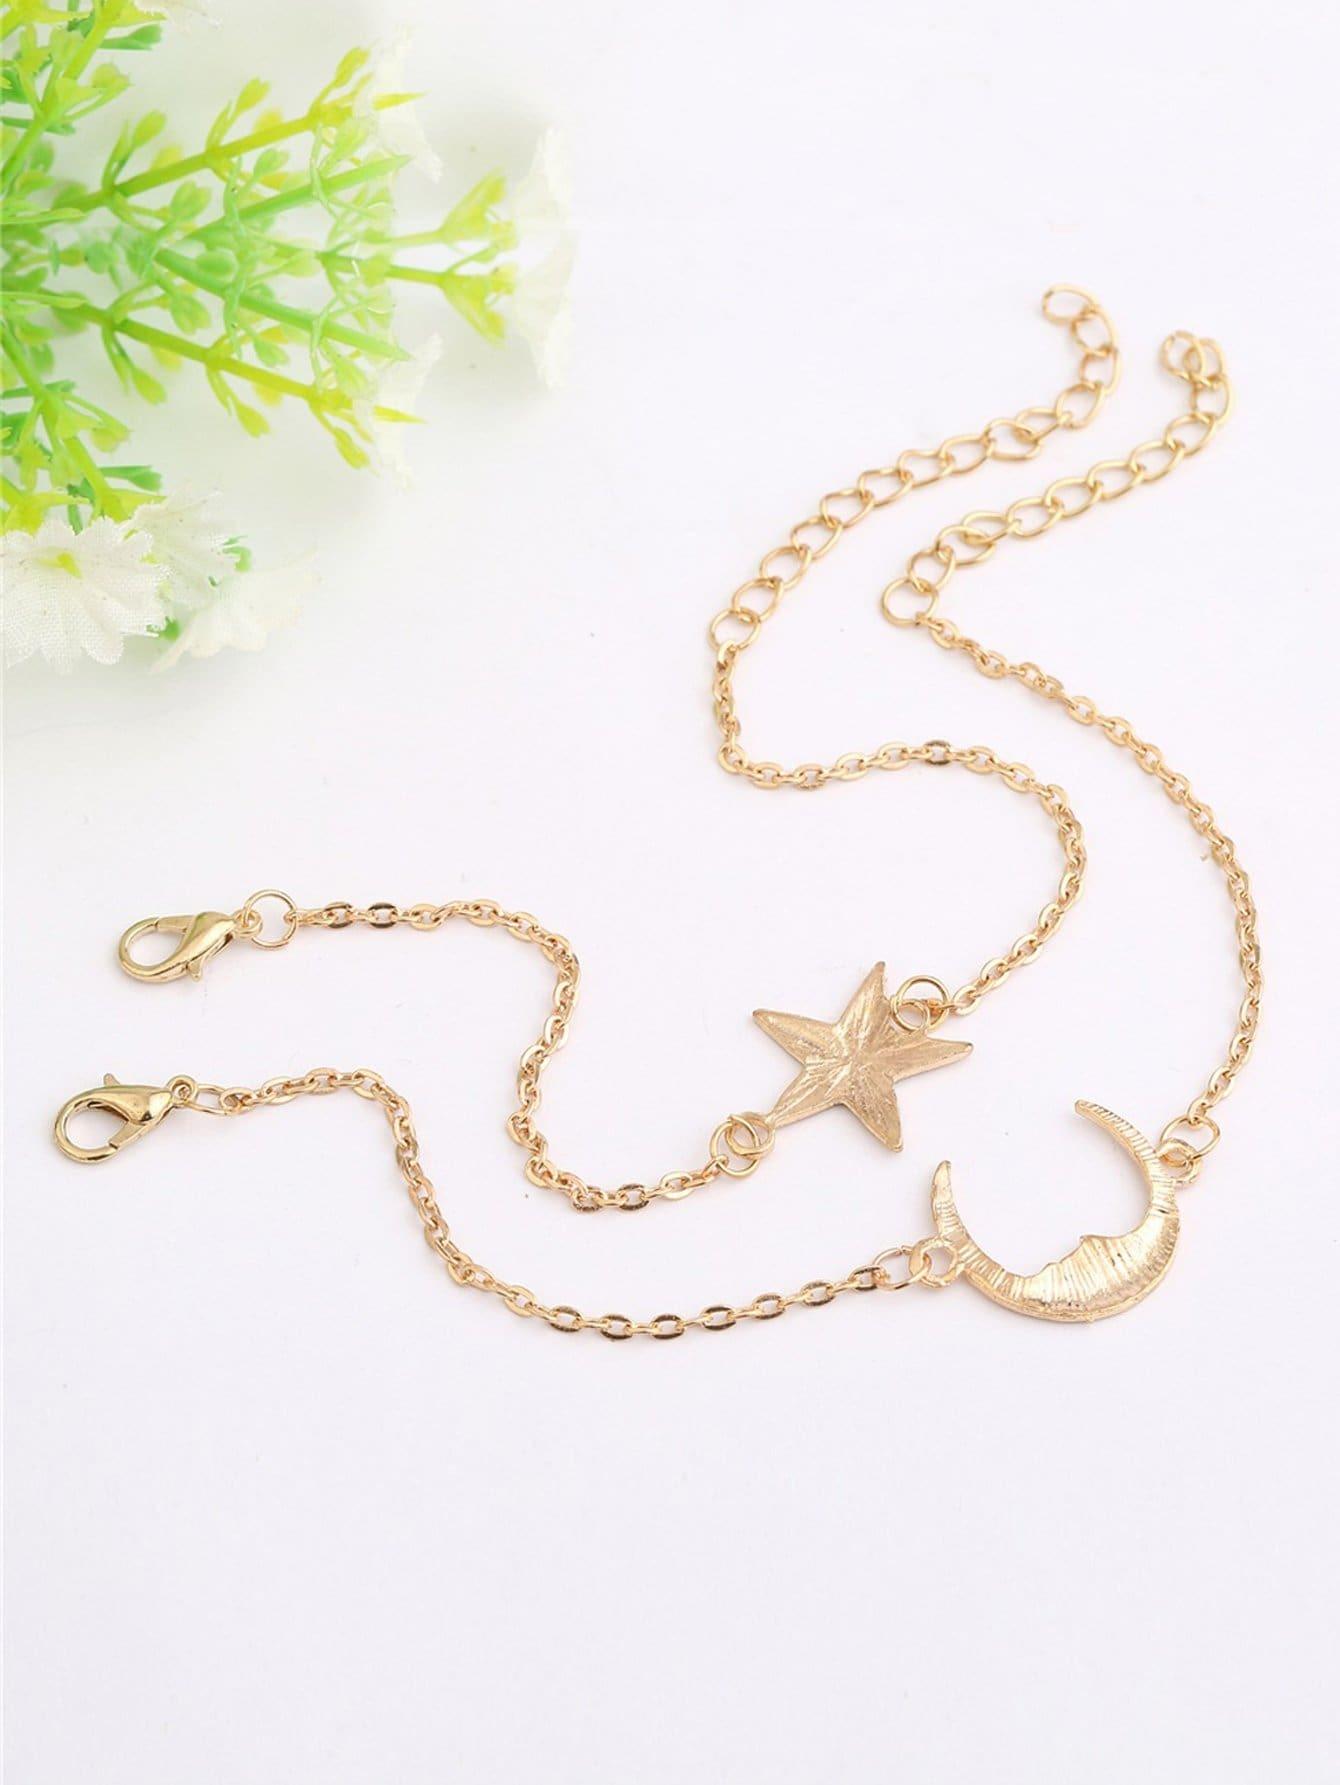 Star & Moon Design Chain Bracelet Set